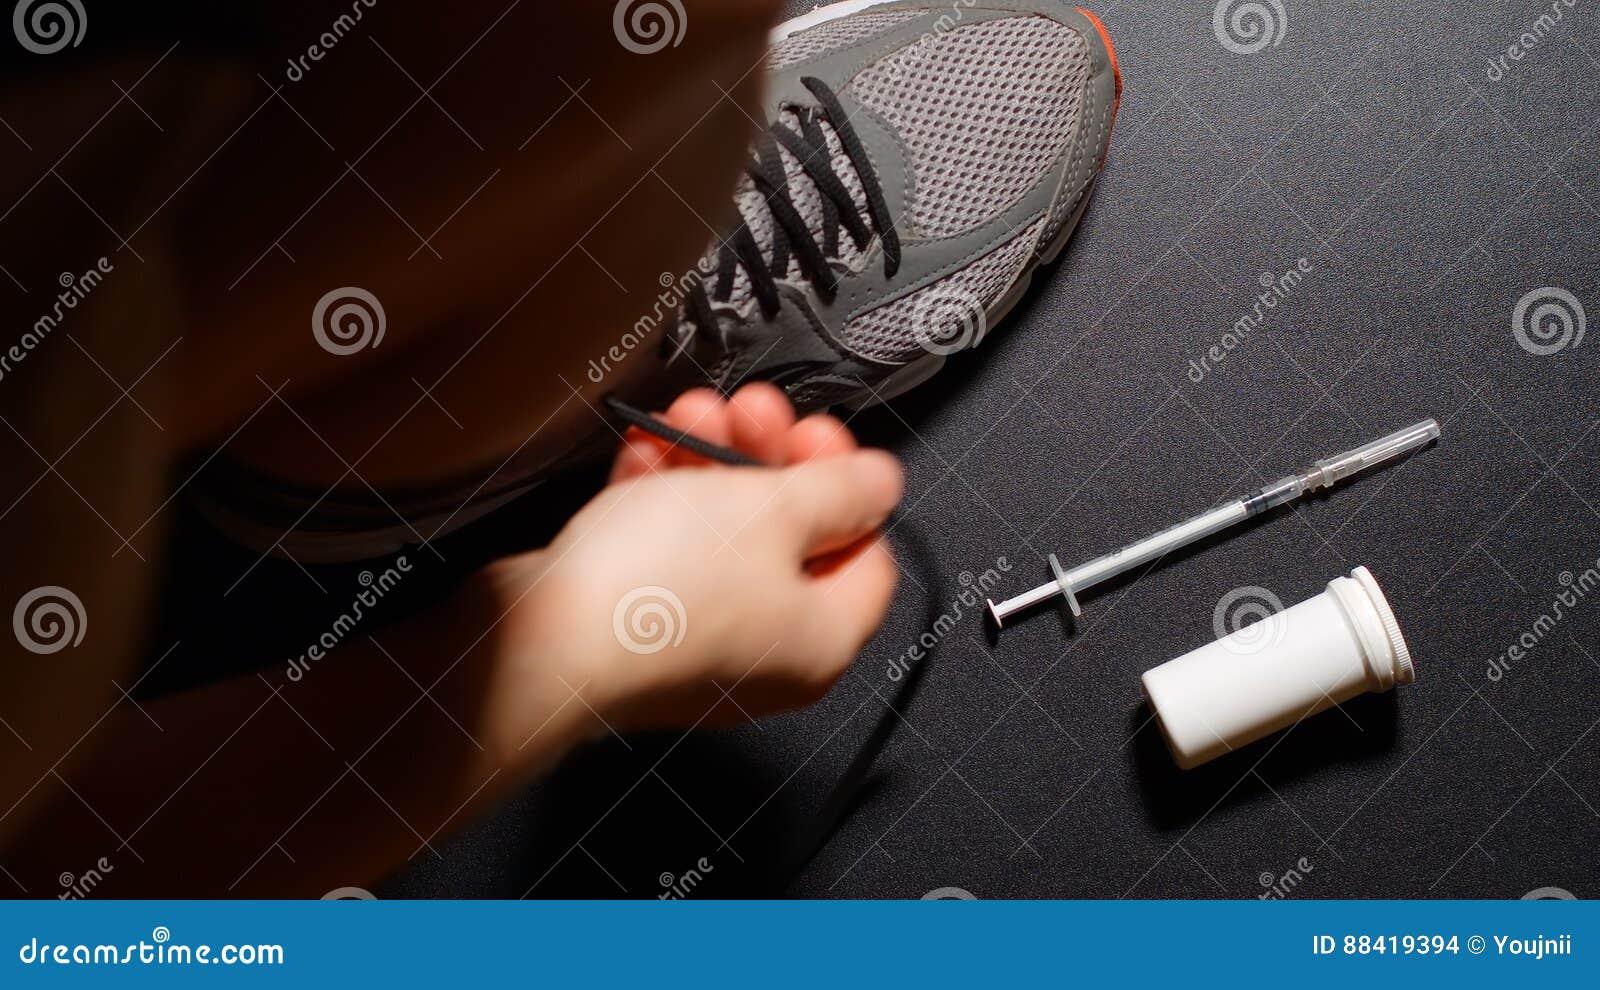 DOPING: El atleta viste los zapatos y toma píldoras